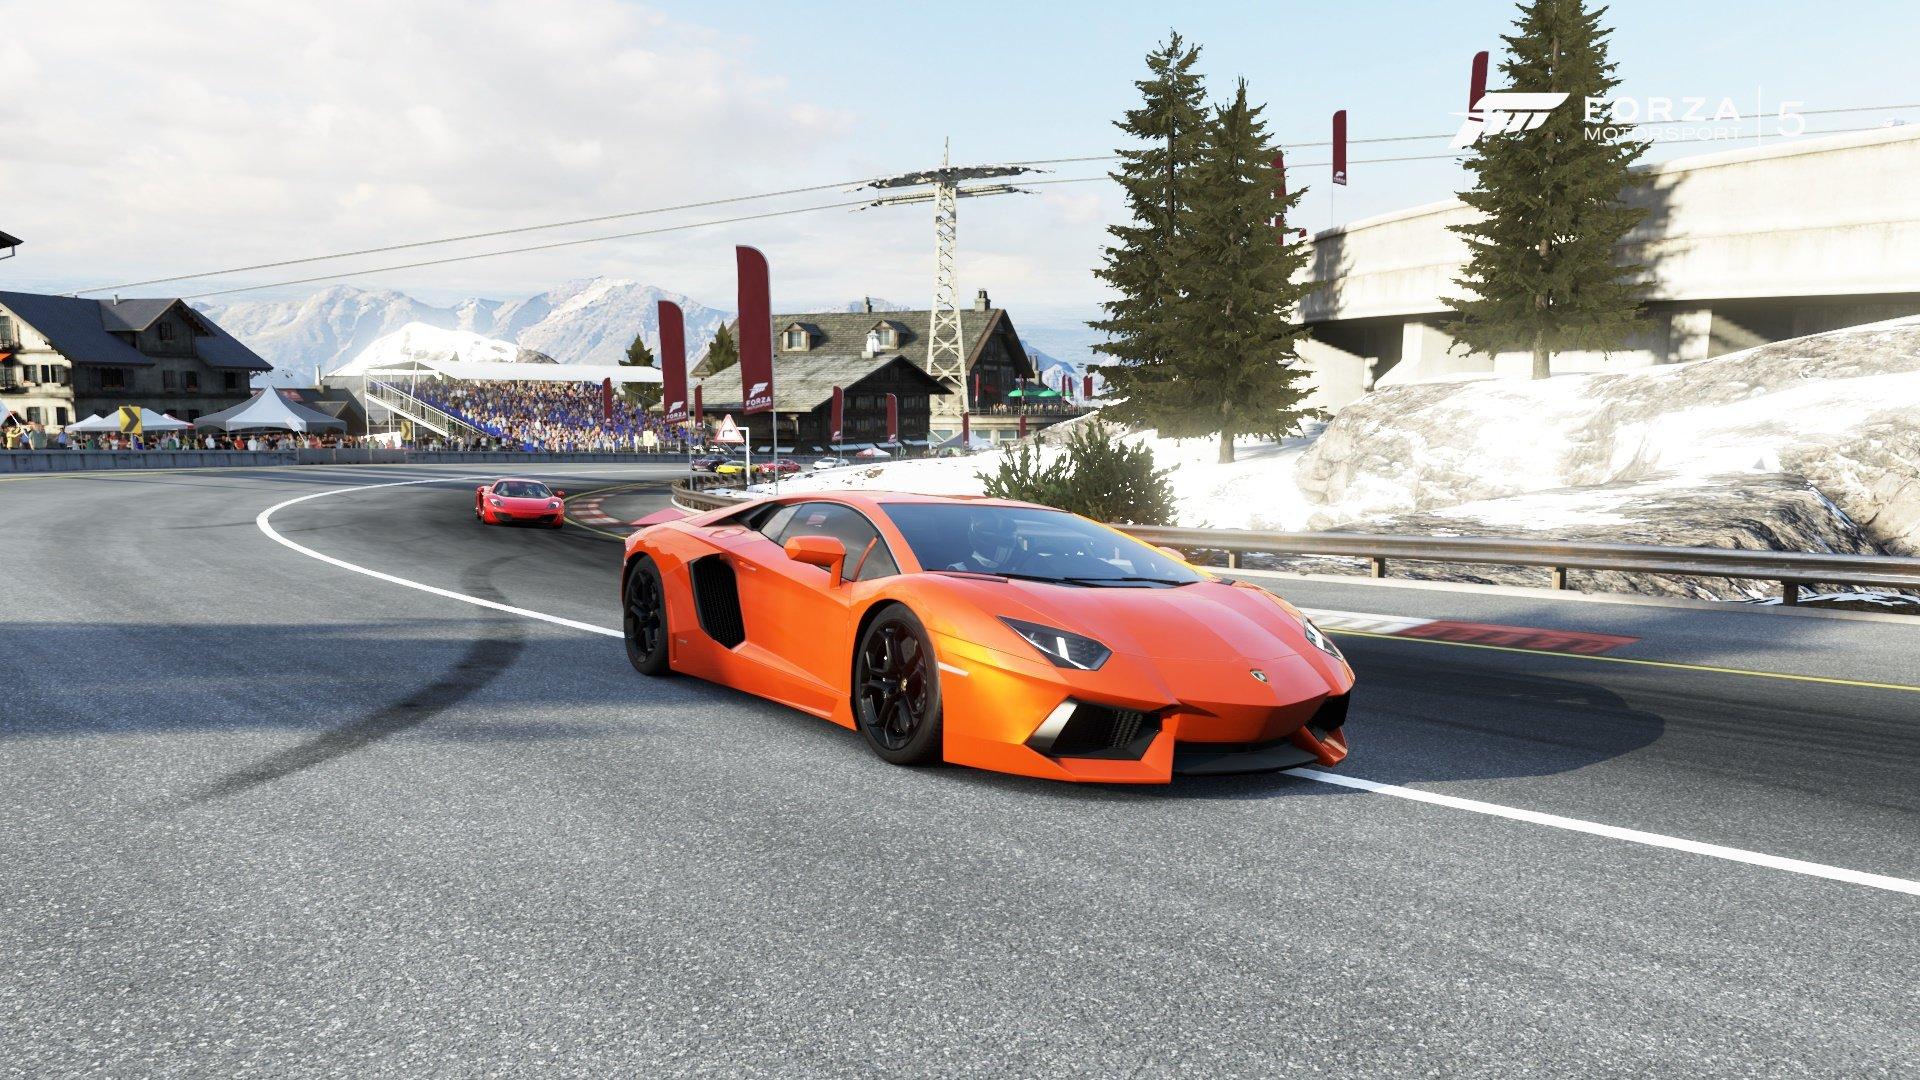 Spaßige Kurvenstrecke in den Schweizer Alpen